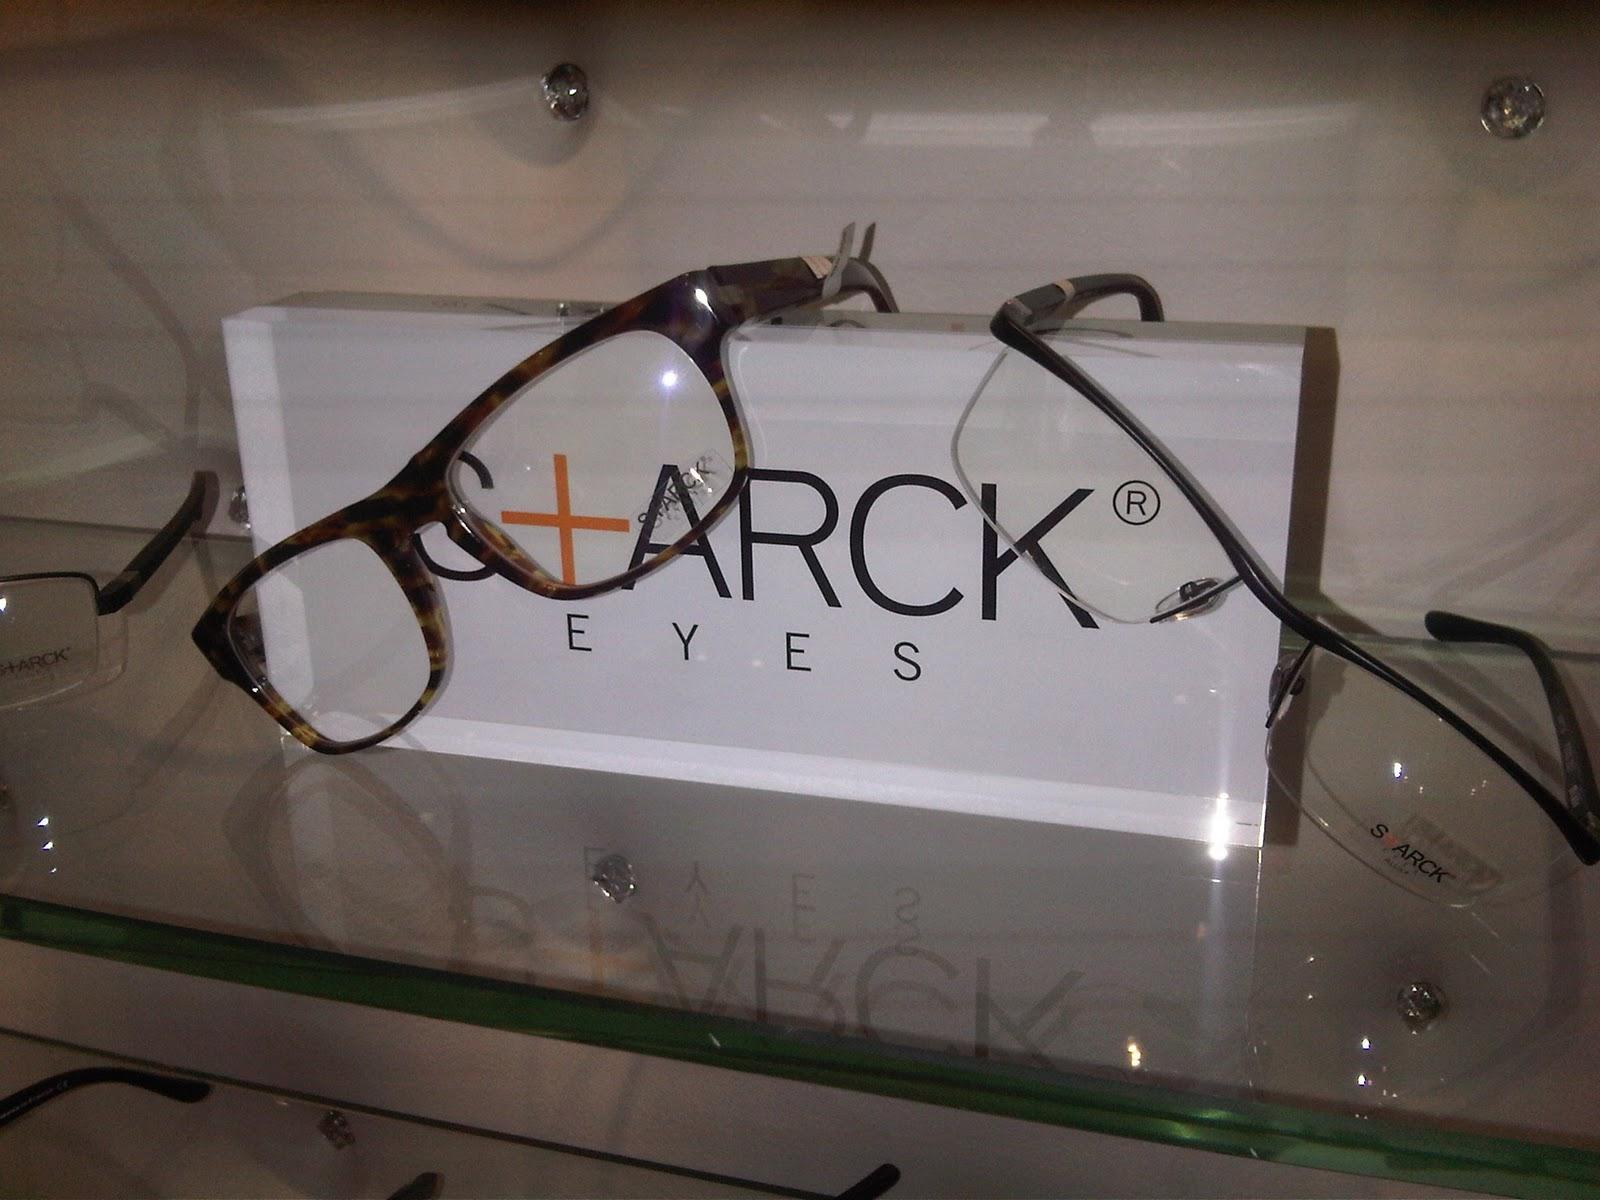 Laissez vous tenter par le design et la qualité made in france des lunettes  Starck Eyes et venez decouvrir les collections BIOZERO, BIOLINK, BIOCIY,  BIOOP, ... 78dca0126de1